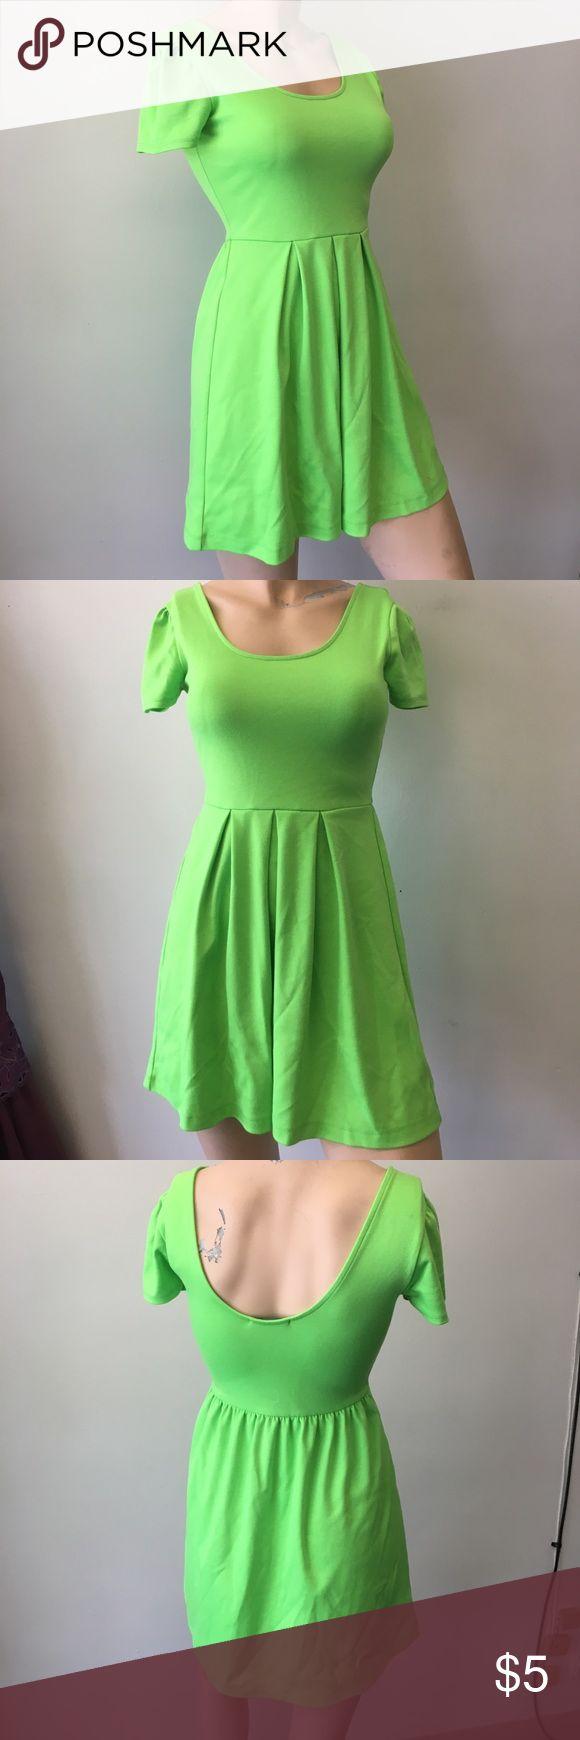 Cute mini dress Neon green dress Dresses Mini